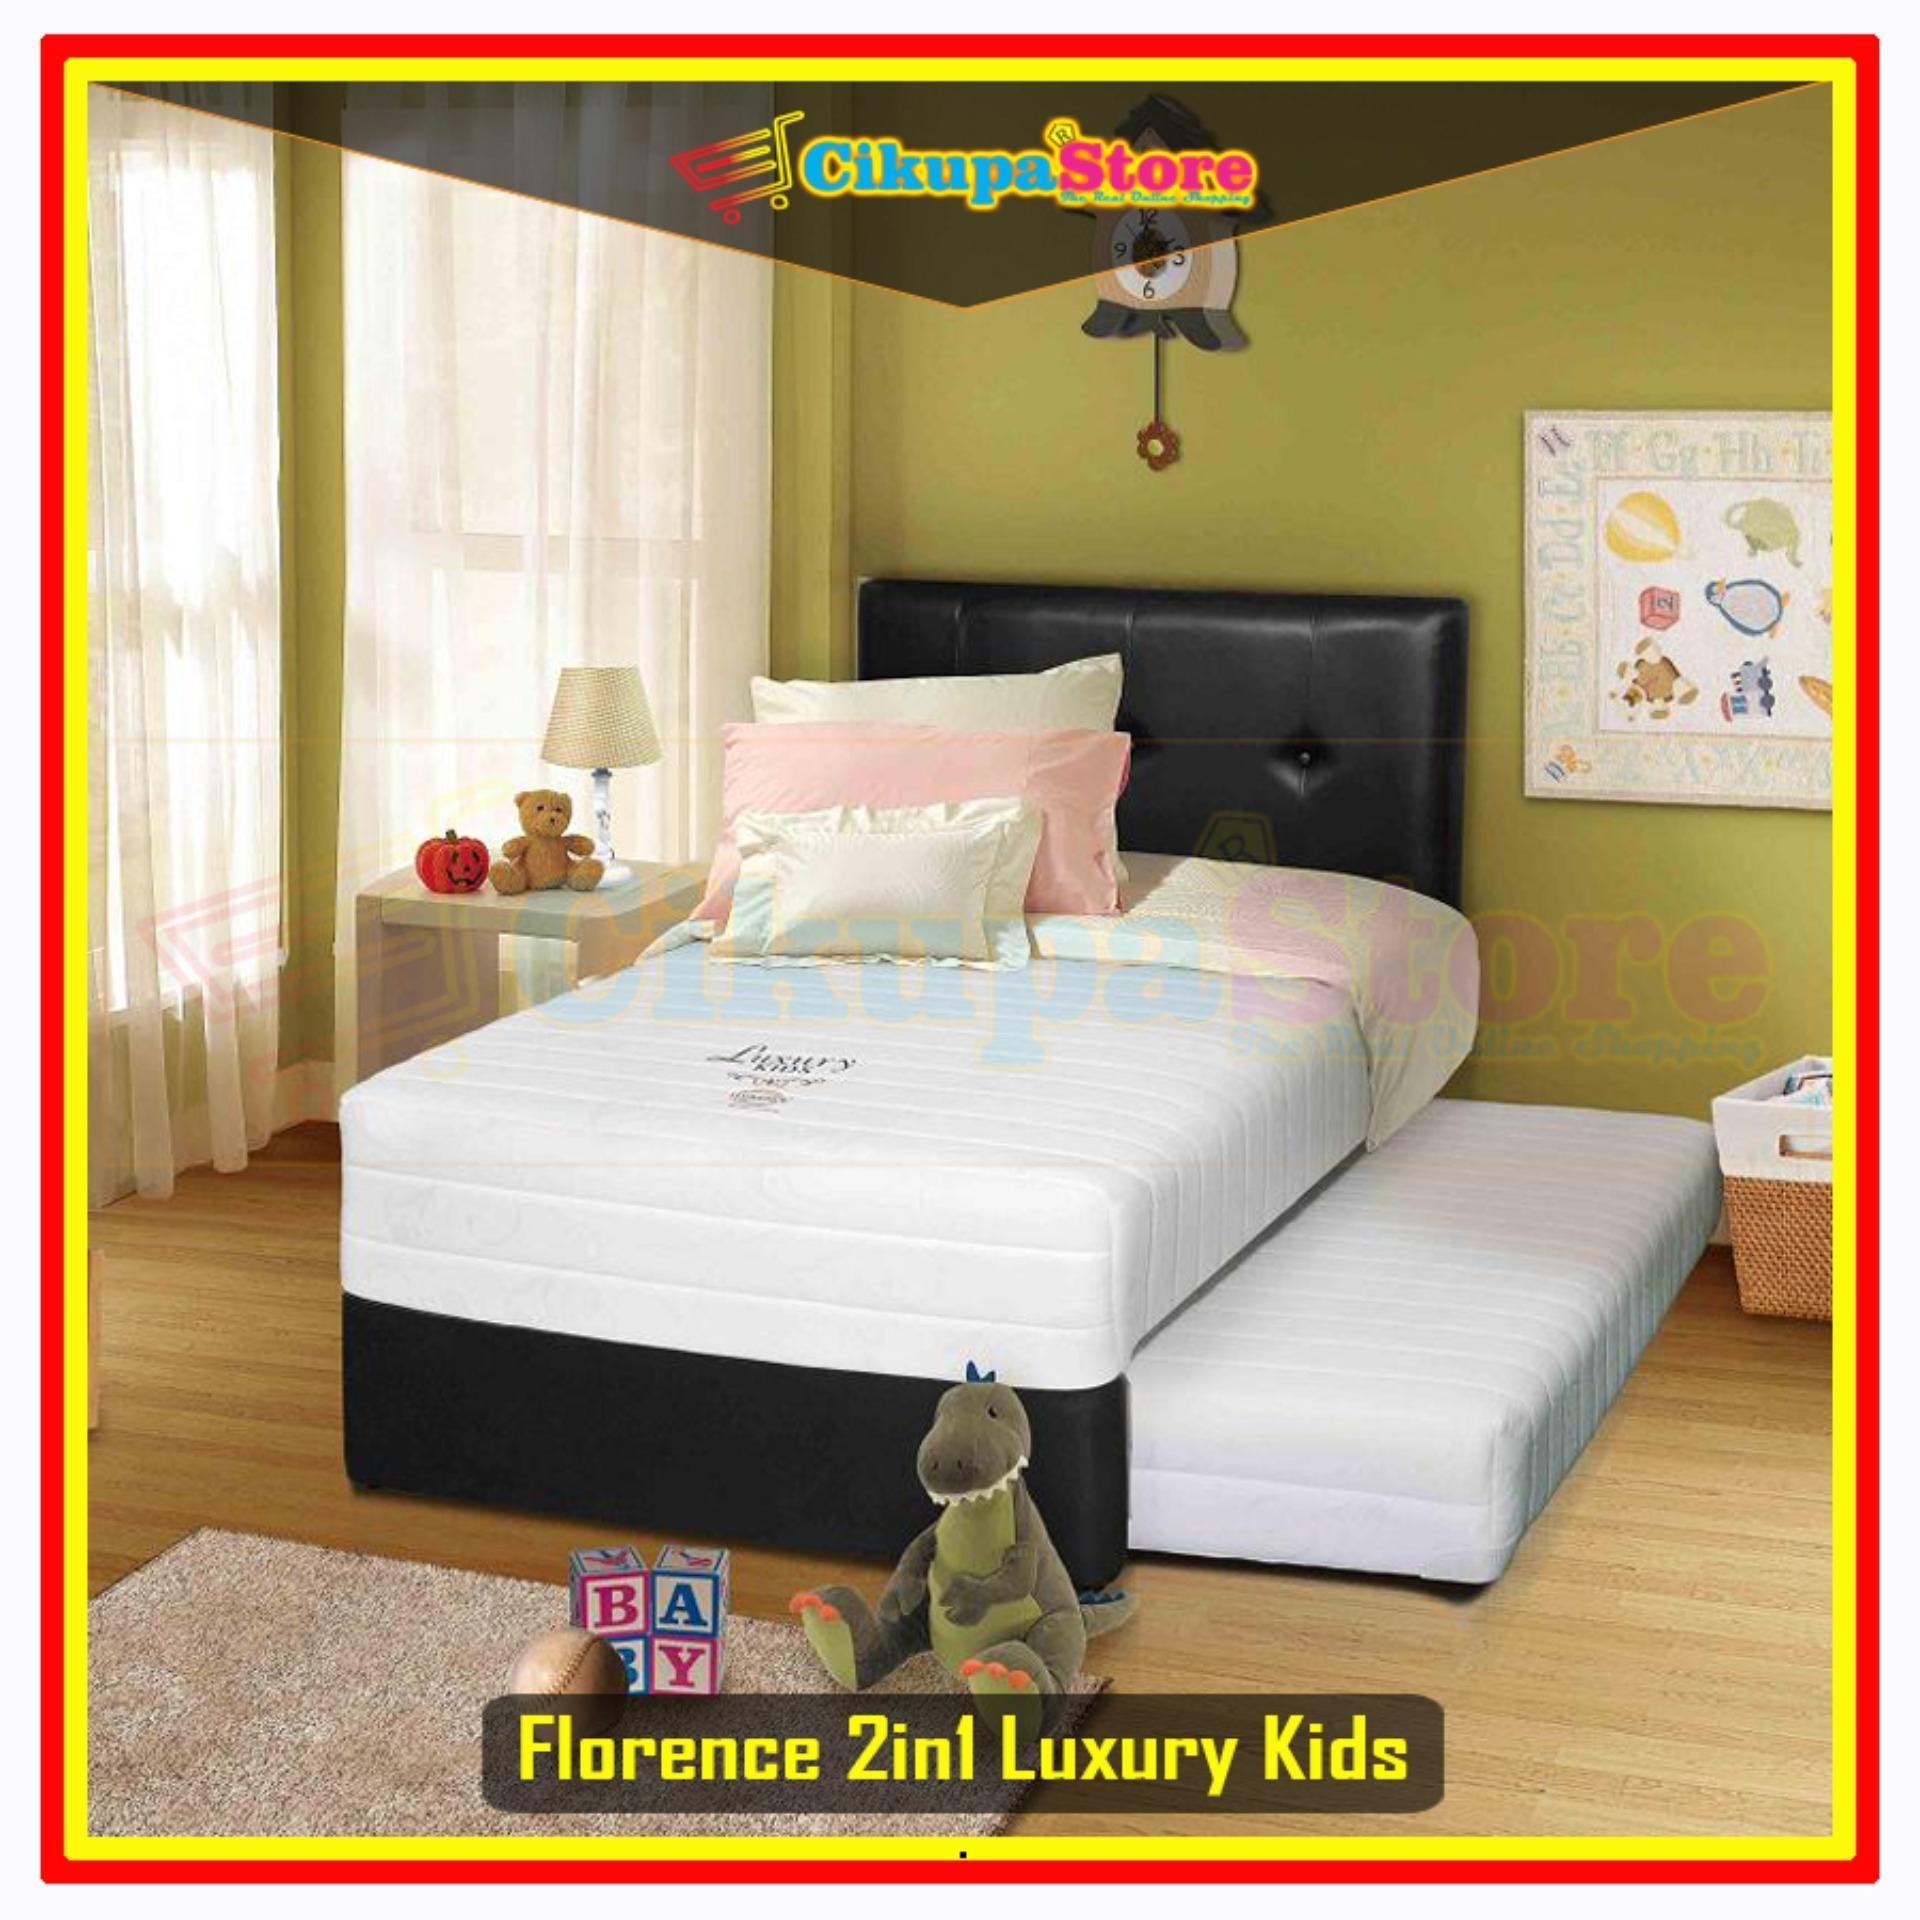 FREE ONGKIR !! Kasur Spring Bed Matras 2in1 Florence Luxury Kids - 100x200 Full Set